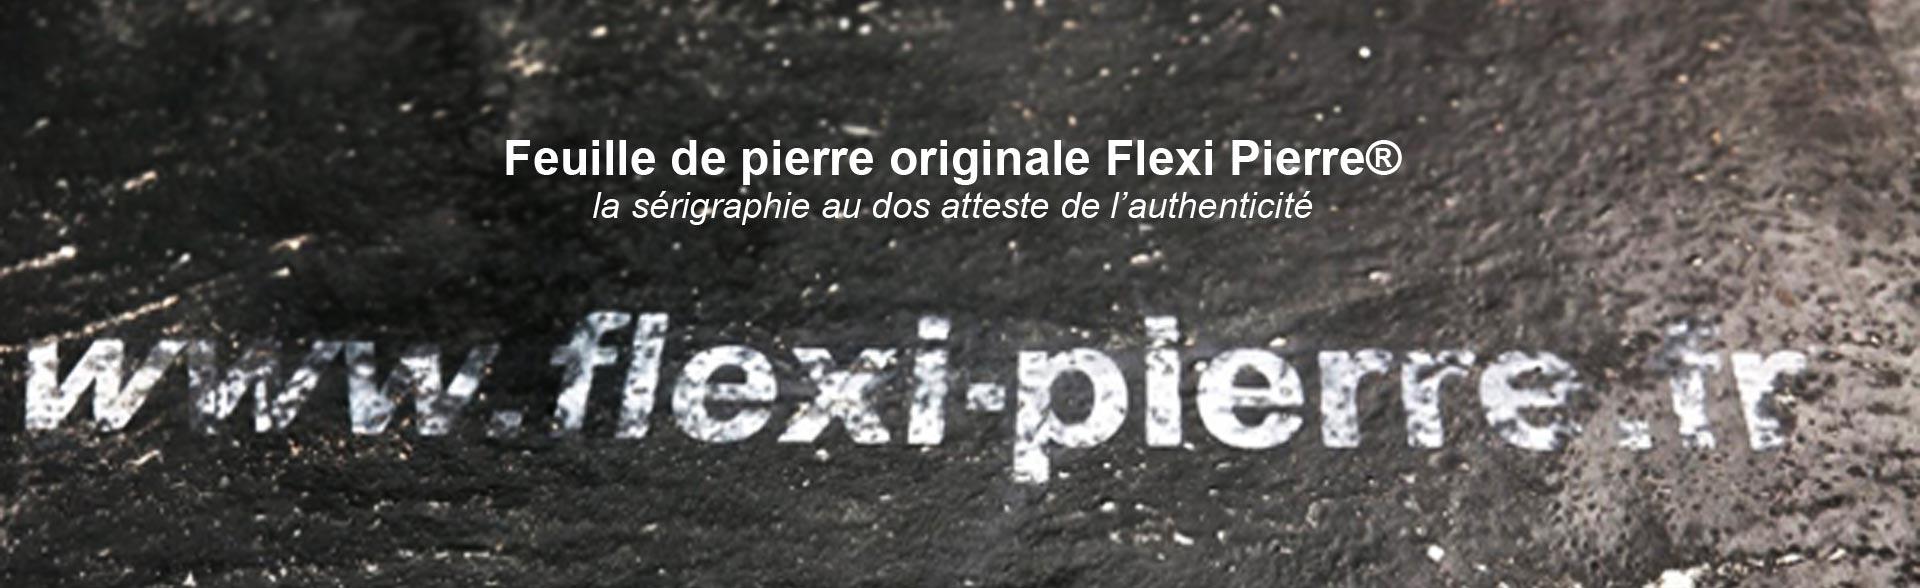 Feuille de pierre Flexi Pierre, la sérigraphie au dos atteste de l'authenticité